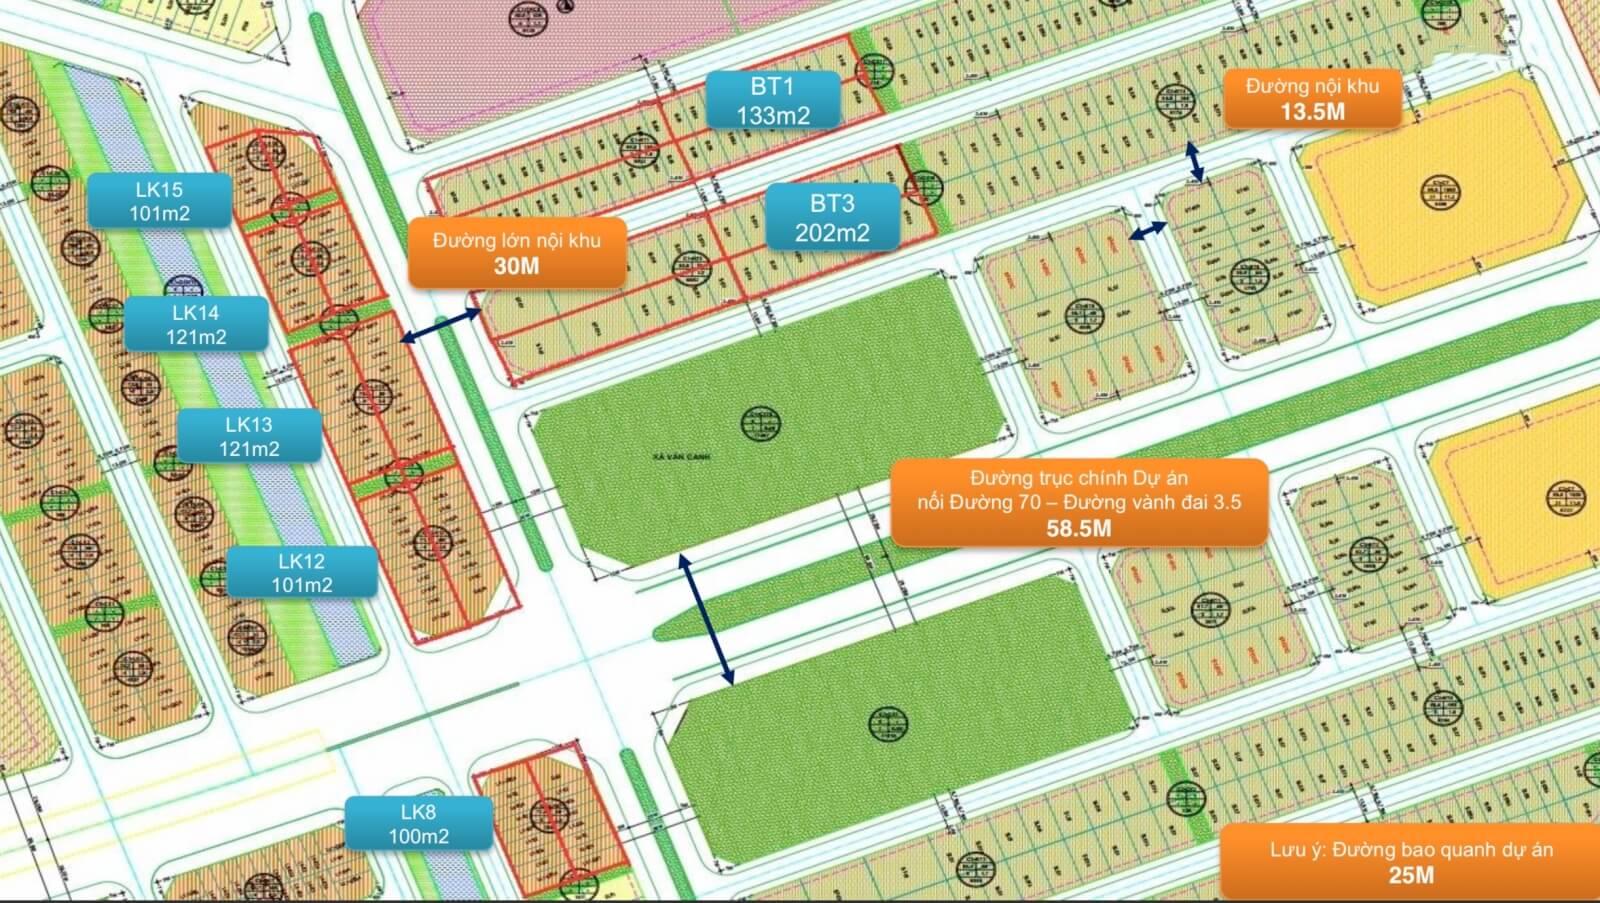 Bản đồ quy hoạch chi tiết khu đô thị Đại học Vân Canh